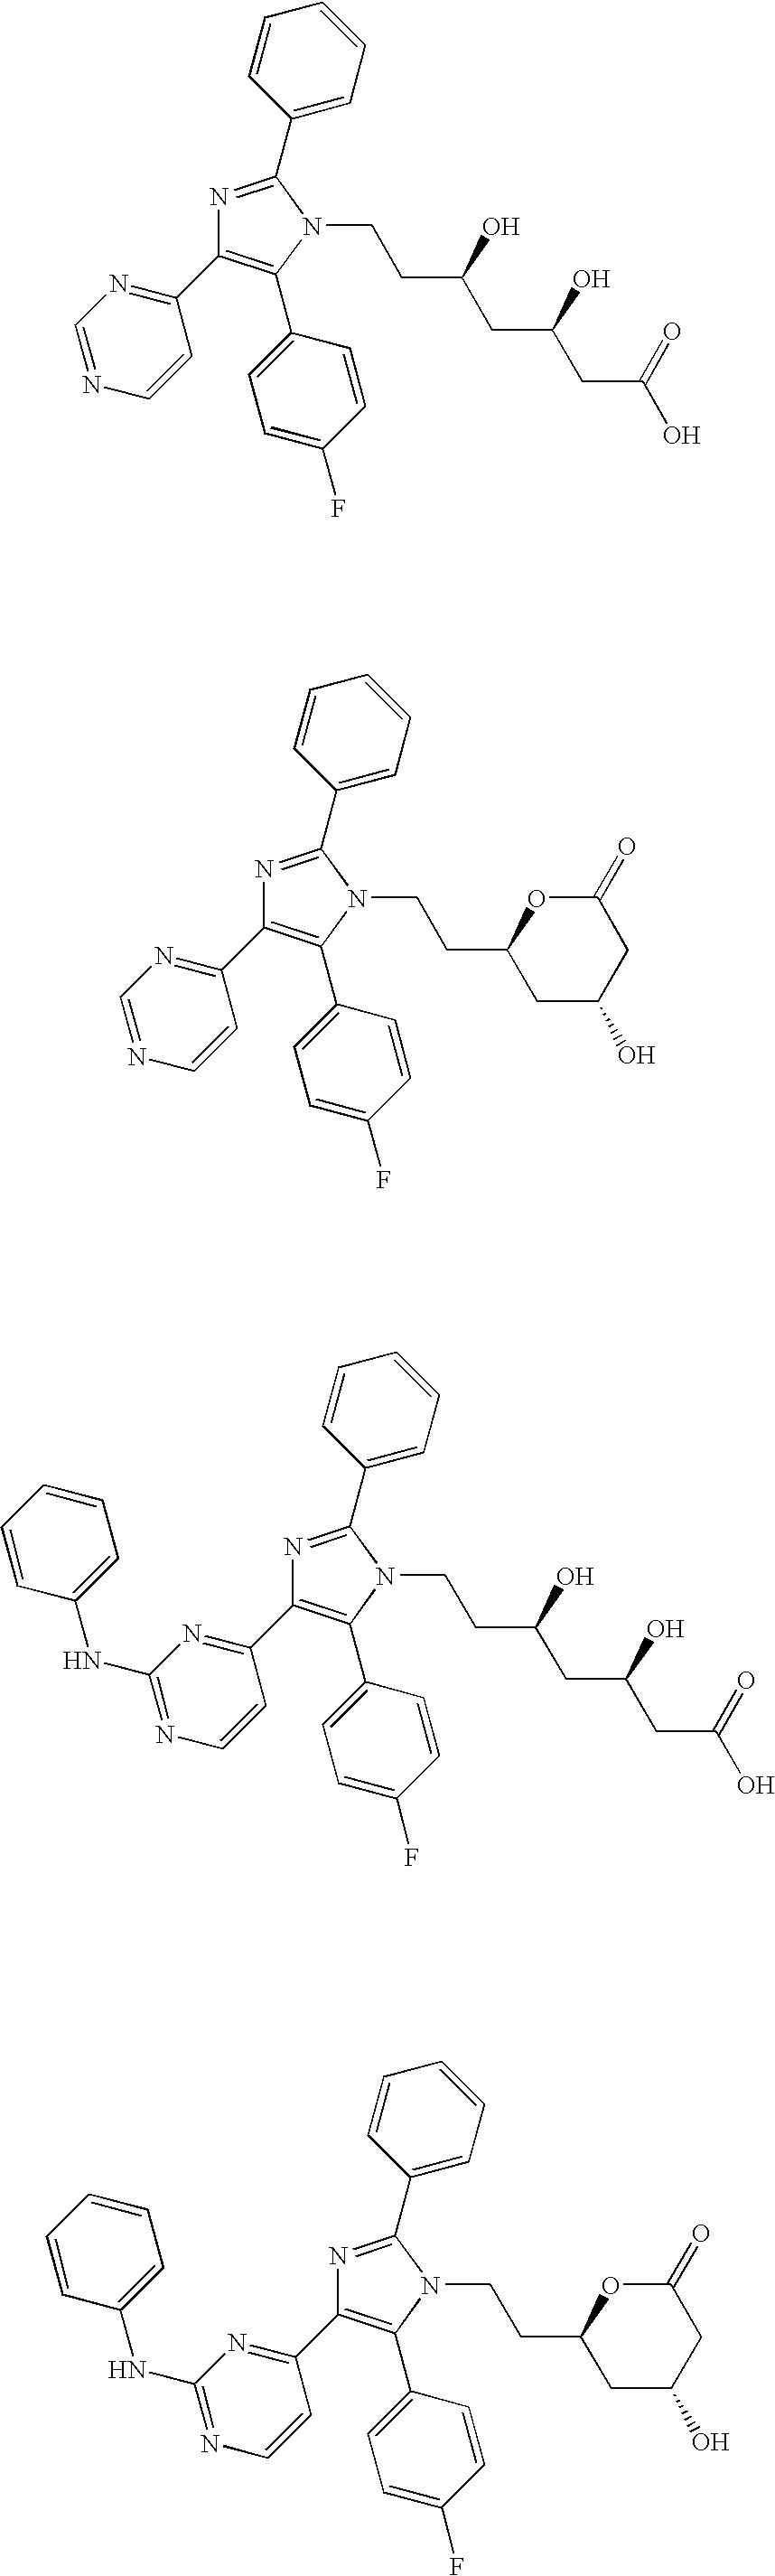 Figure US20050261354A1-20051124-C00062